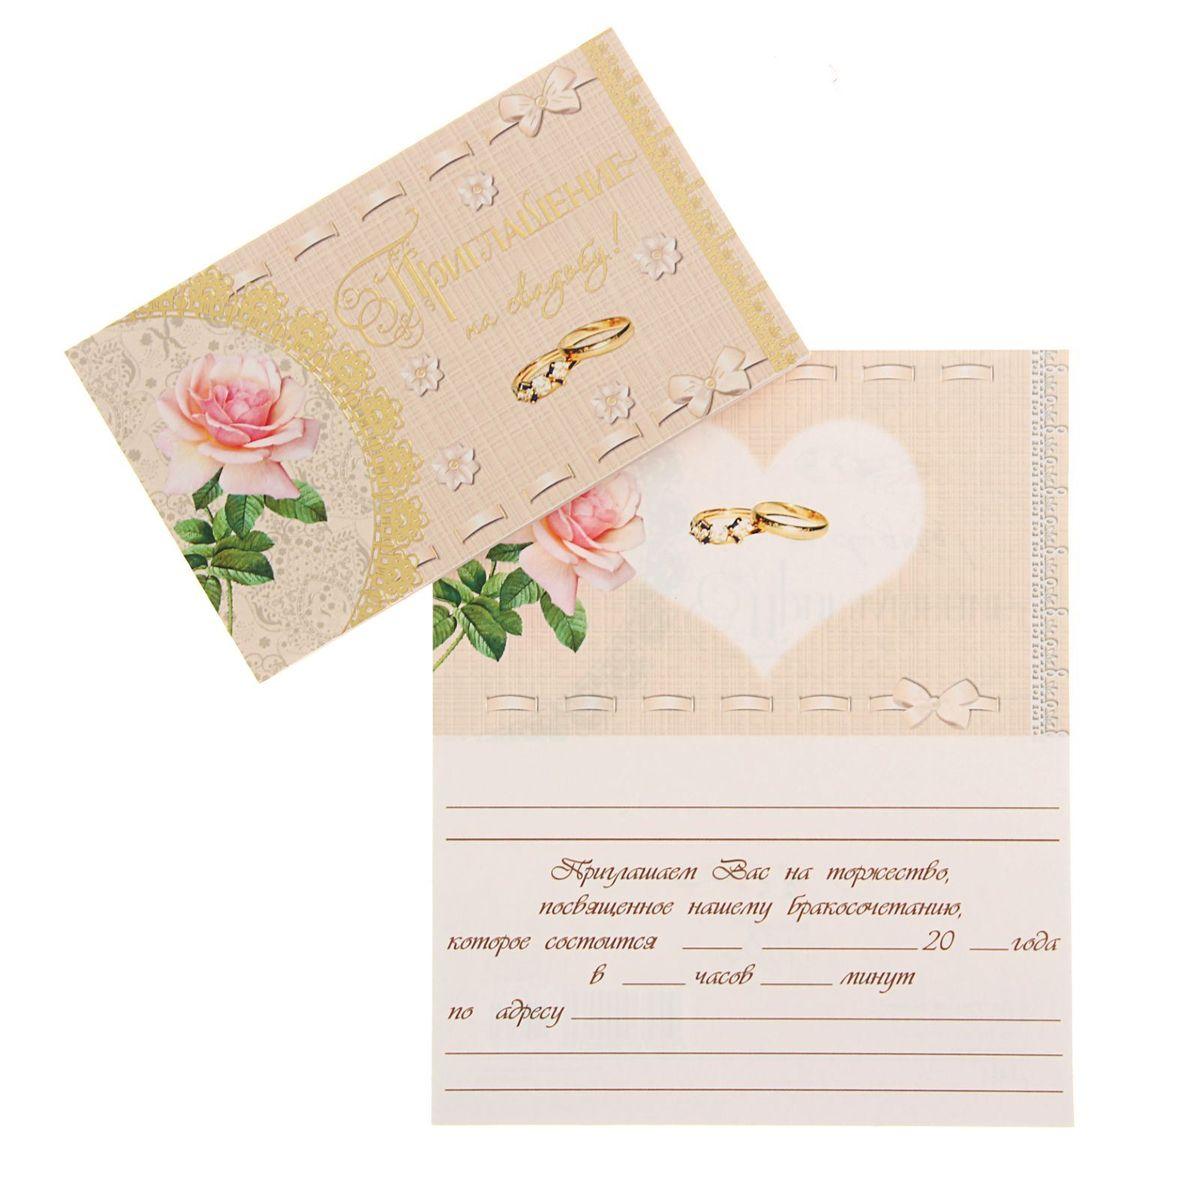 Приглашение на свадьбу Русский дизайн Роза с золотом, 14 х 8,5 смRSP-202SКрасивая свадебная пригласительная открытка станет незаменимым атрибутом подготовки к предстоящему торжеству и позволит объявить самым дорогим вам людям о важном событии в вашей жизни. Приглашение на свадьбу Русский дизайн Роза с золотом, выполненное изкартона, отличается не только оригинальным дизайном, но и высоким качеством. Внутри - текстприглашения. Вам остается заполнить необходимые строки и раздать гостям.Устройте себе незабываемую свадьбу! Размер: 14 х 8,5 см.